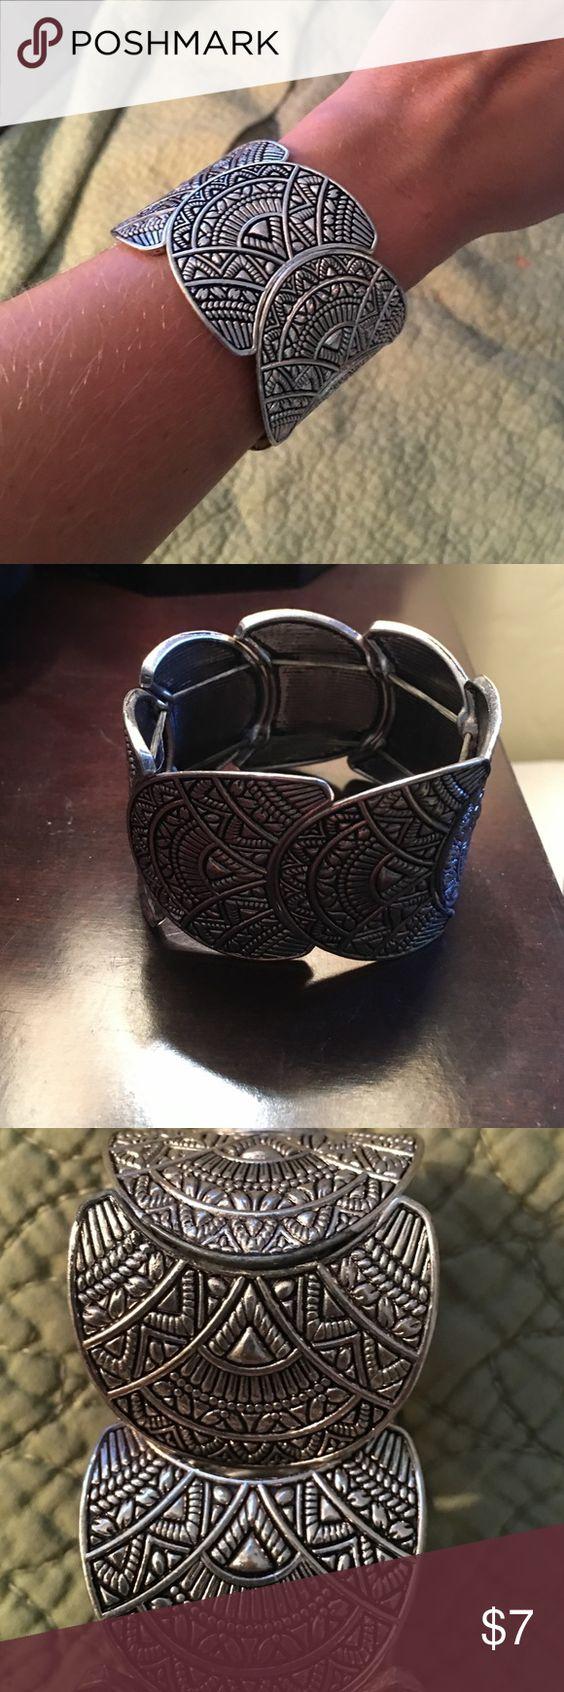 Statement Cuff Bracelet Excellent condition, cute Aztec design. Jewelry Bracelets